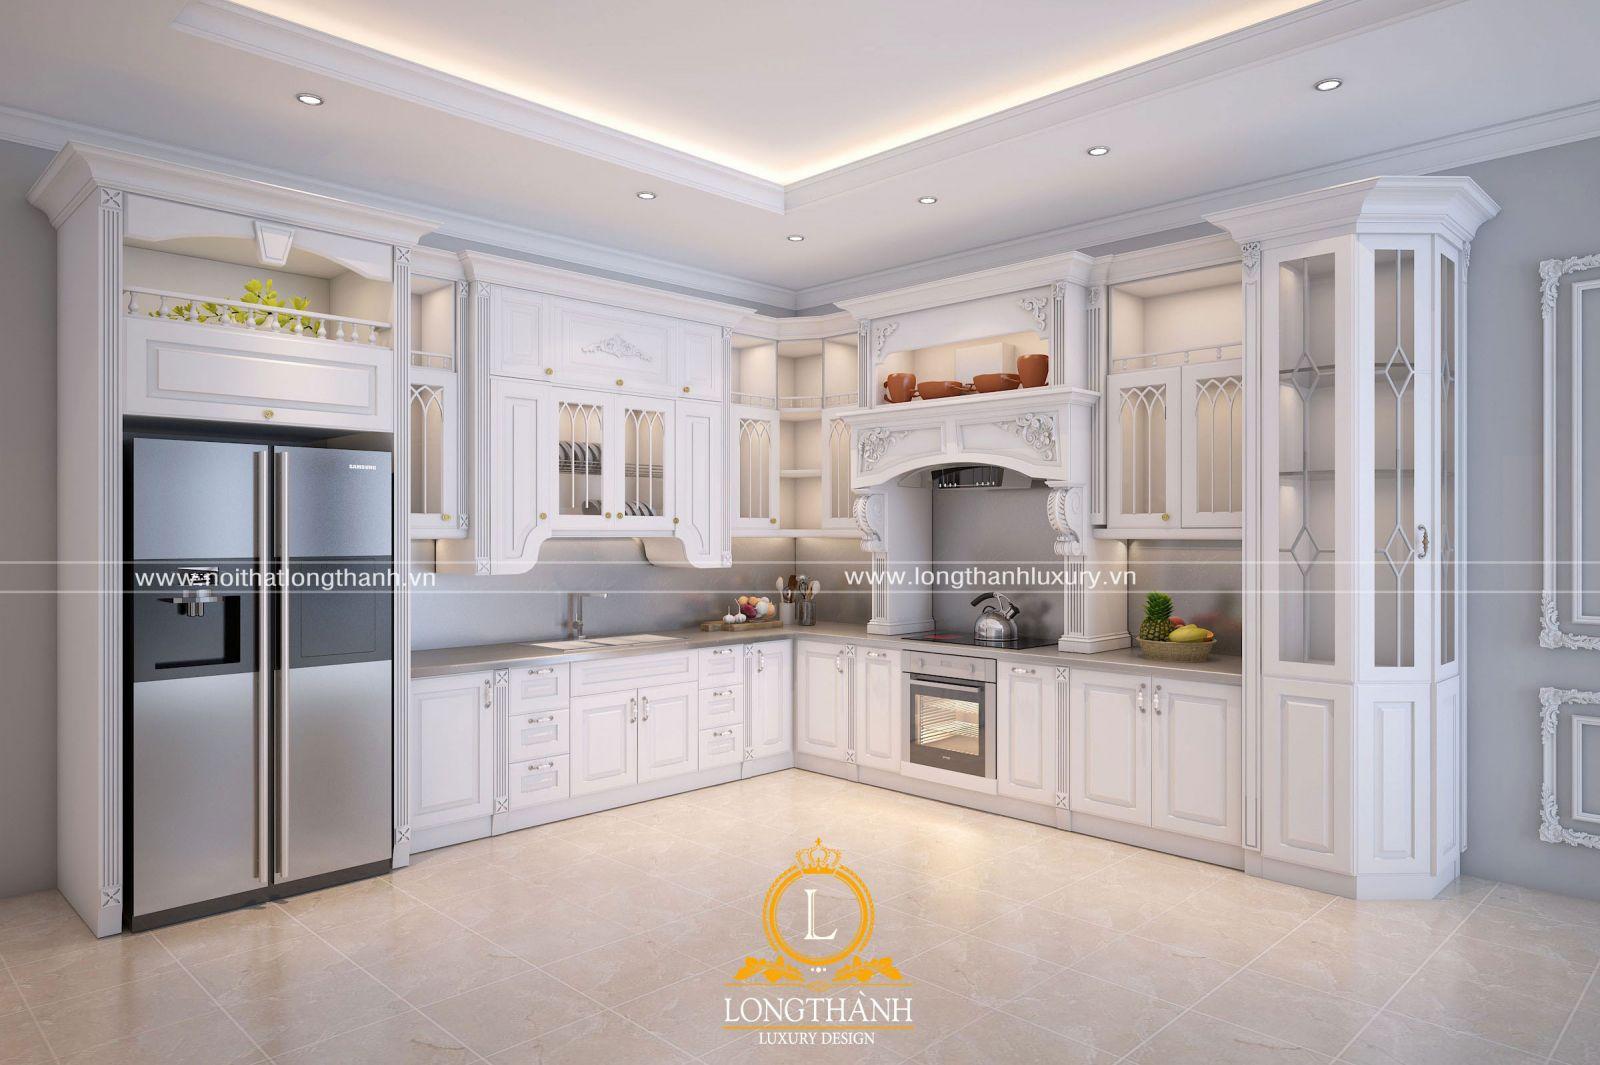 Tủ bếp sơn trắng với hoa văn đơn giản được nhiều chủ nhân lựa chọn